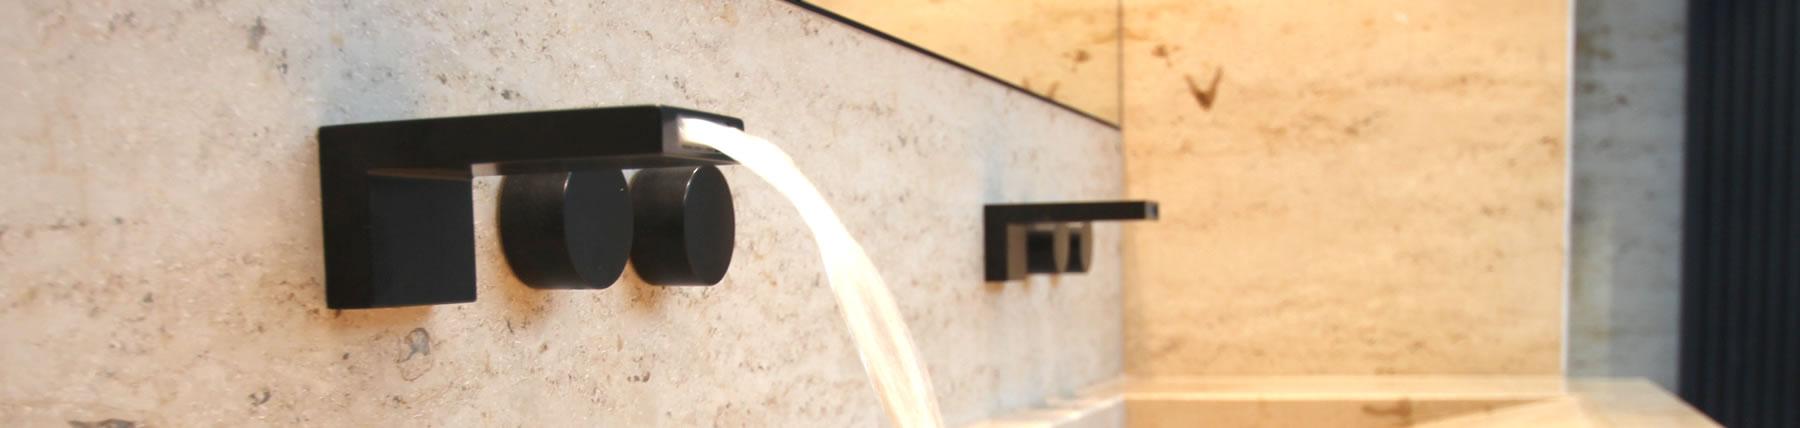 naturstein f r region ingolstadt und umgebung lindner natursteine. Black Bedroom Furniture Sets. Home Design Ideas